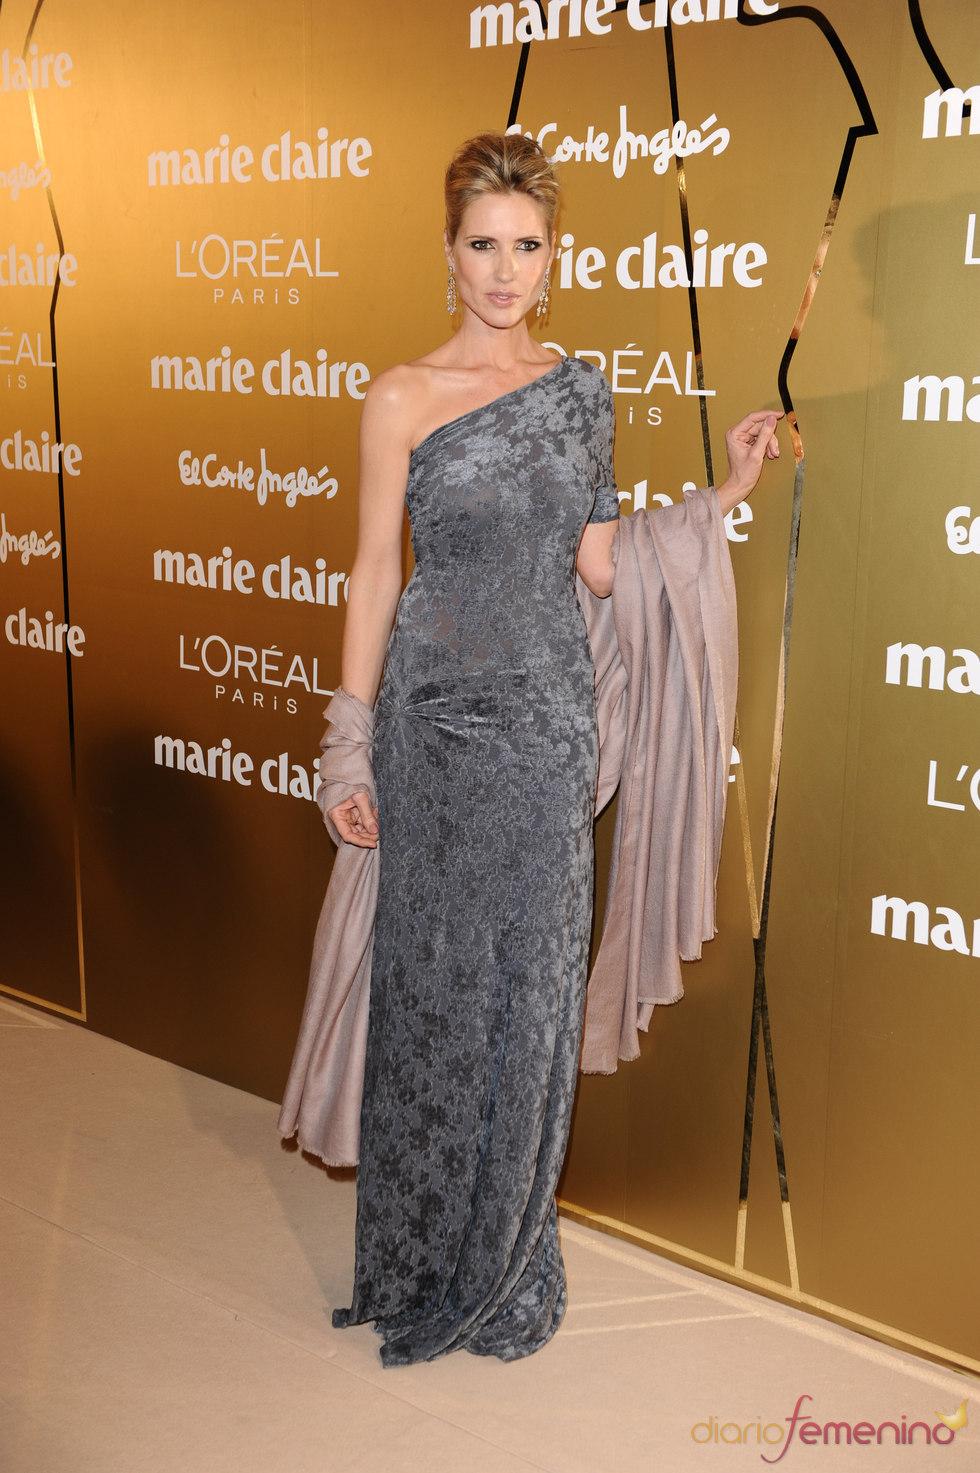 Judit Mascó en los Premios Marie Claire 2010